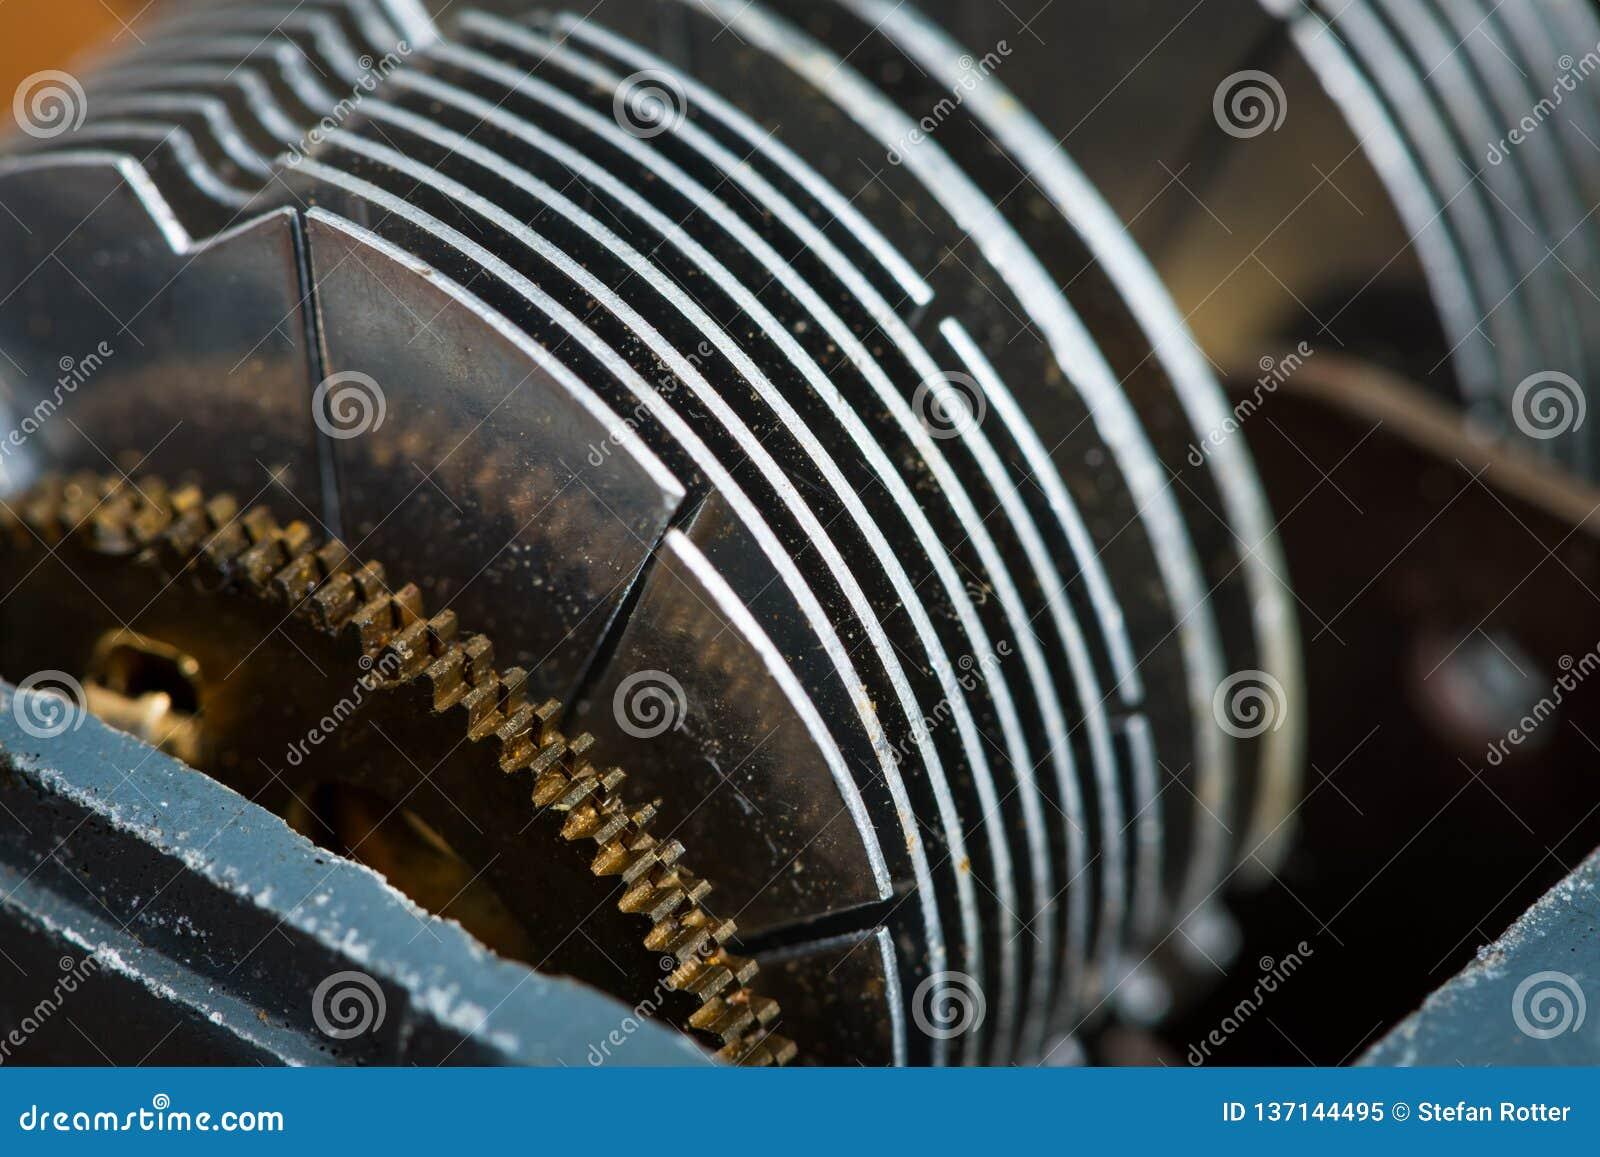 Detalj av en gammal roterande variabel kondensator